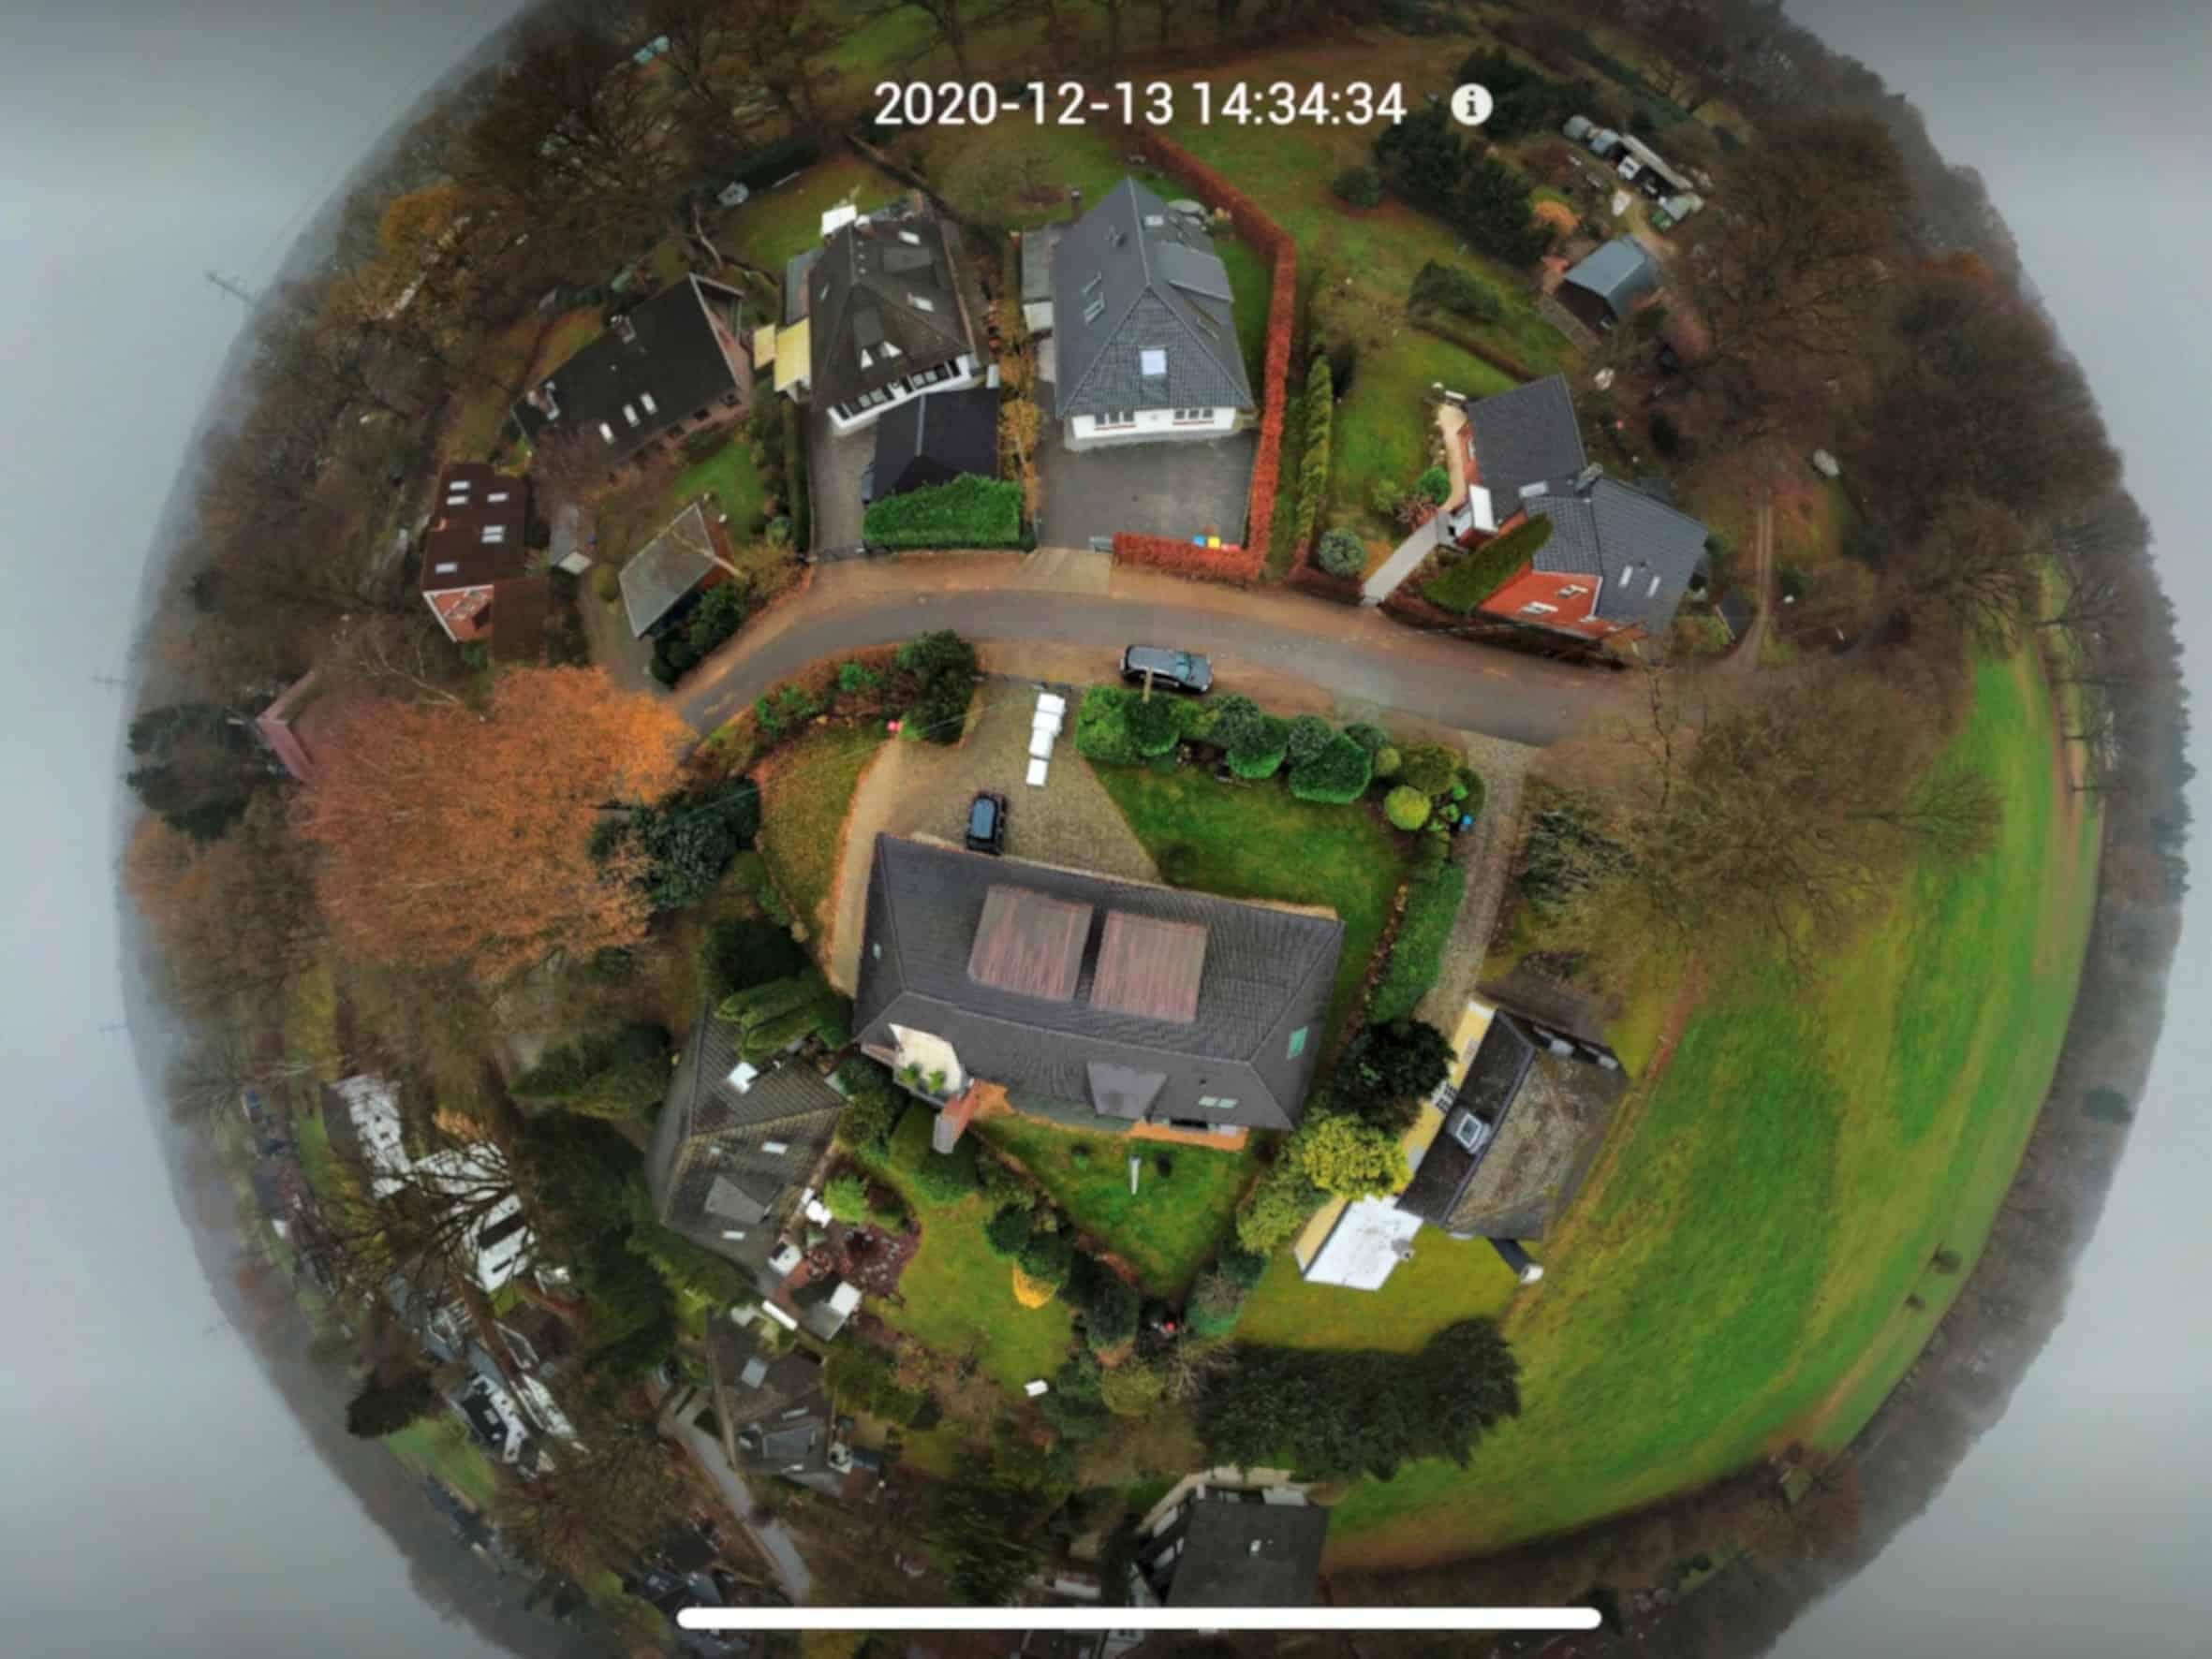 DJI Drohne Panoramafunktion im Test